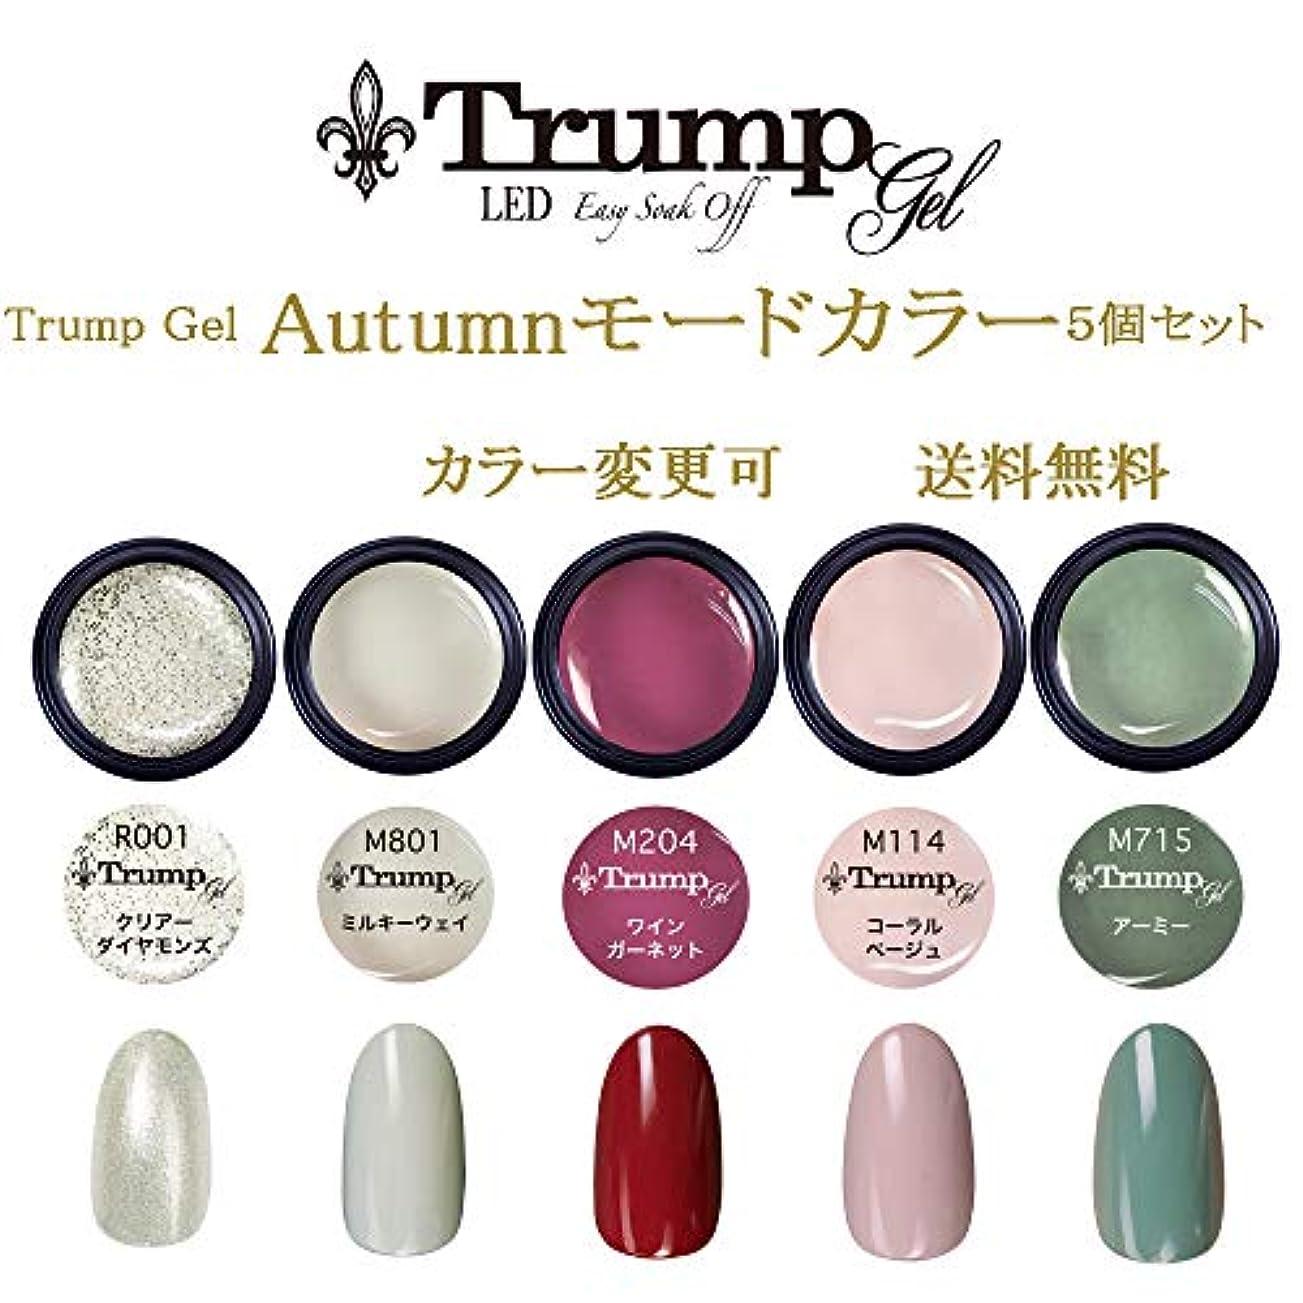 尽きる程度毎年【送料無料】日本製 Trump gel トランプジェル オータムモード カラー 選べる カラージェル 5個セット 秋ネイル ベージュ ボルドー カーキ ラメ カラー